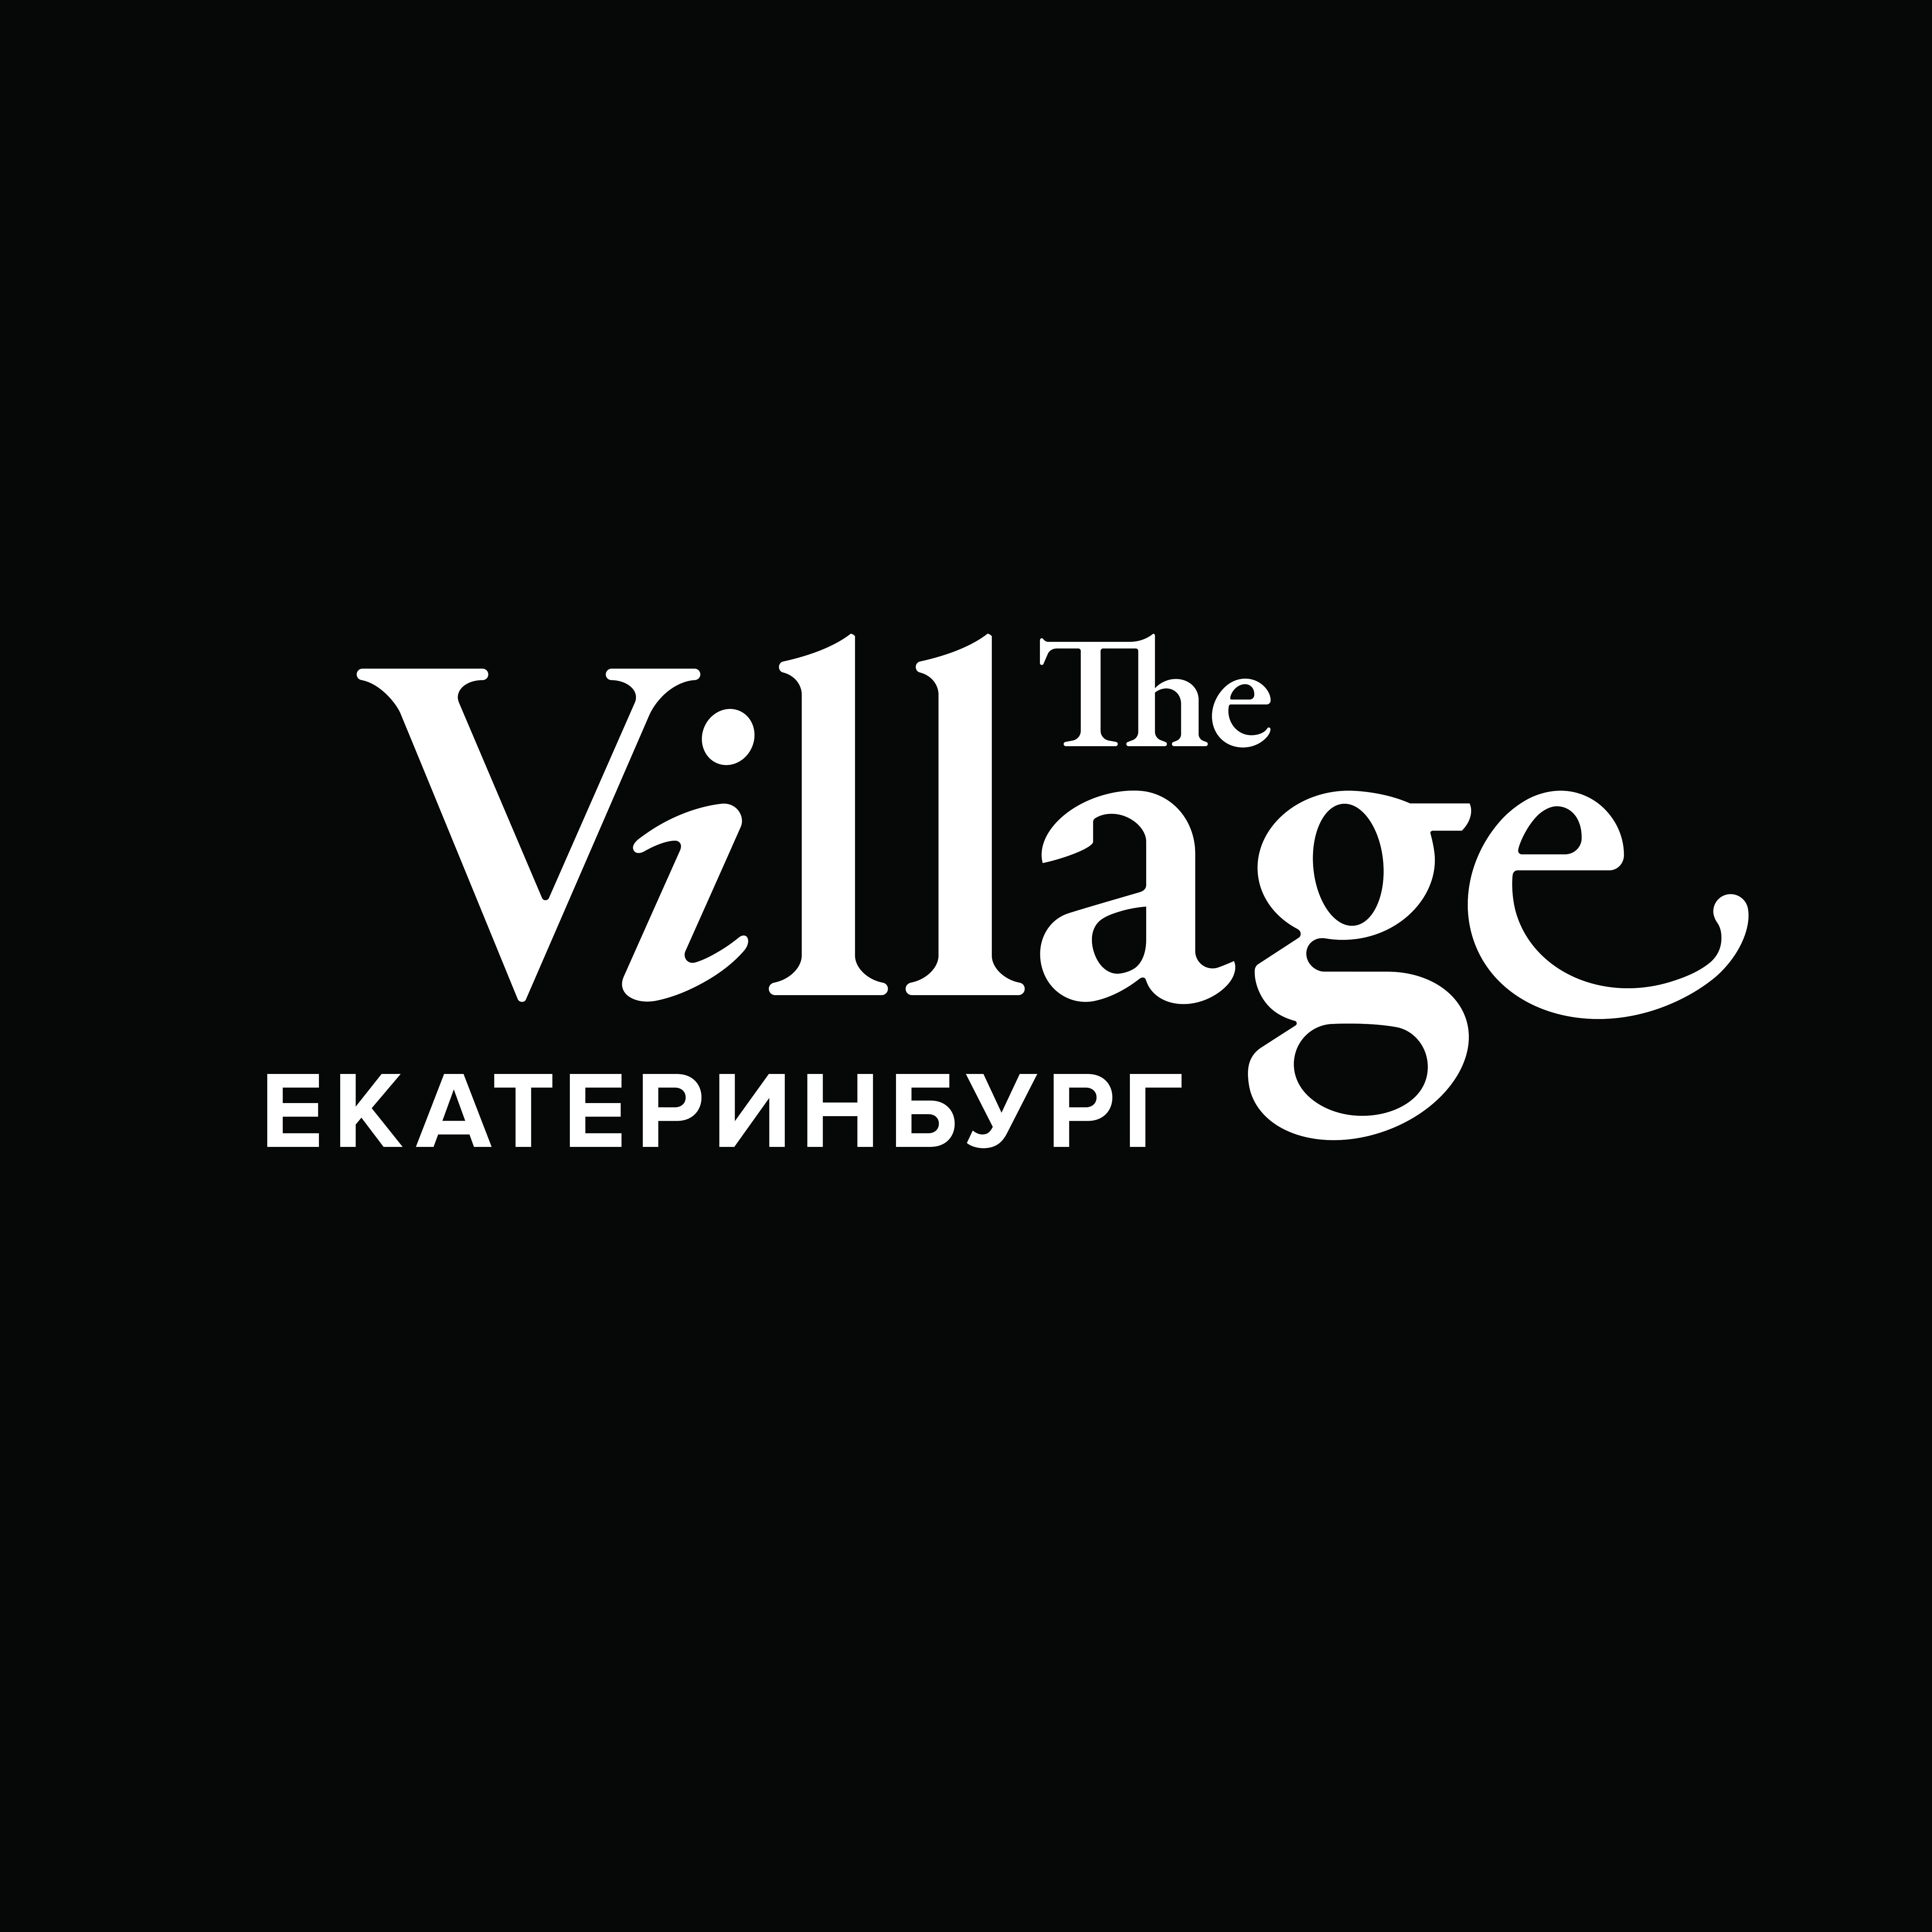 the-village ekb